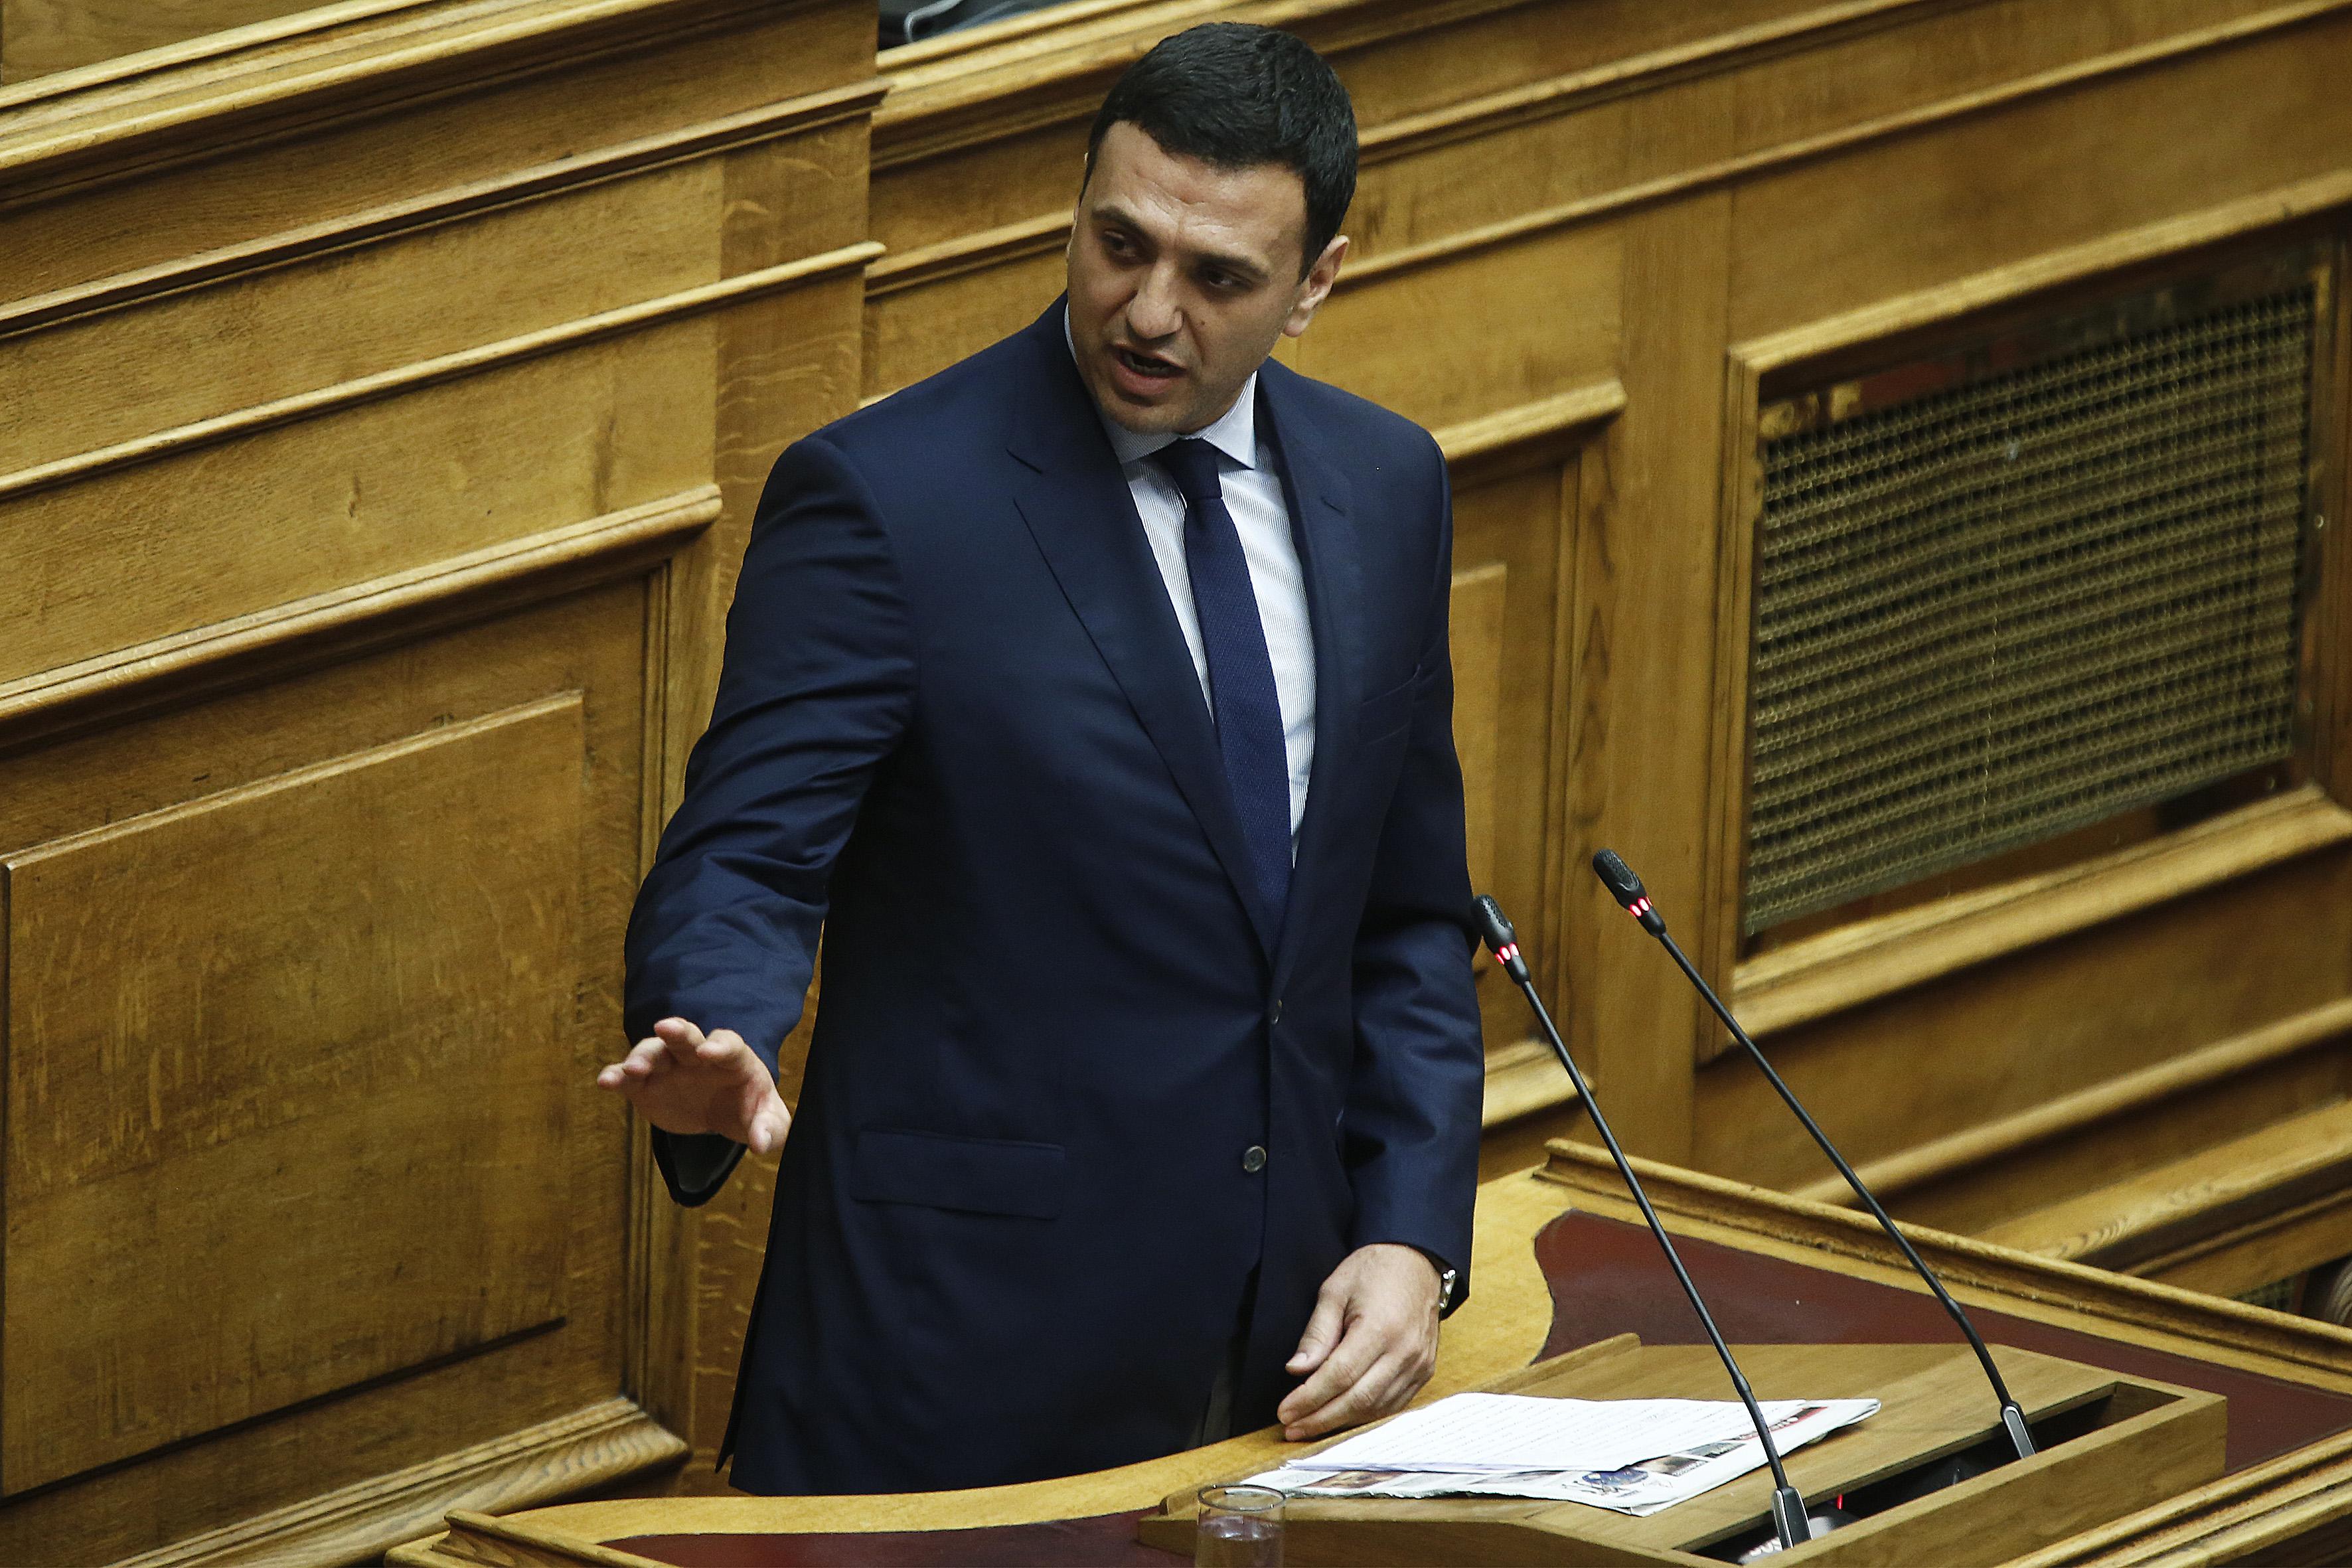 Κικίλιας: Ο ανασχηματισμός της κυβέρνησης θα είναι ο τελευταίος   tovima.gr